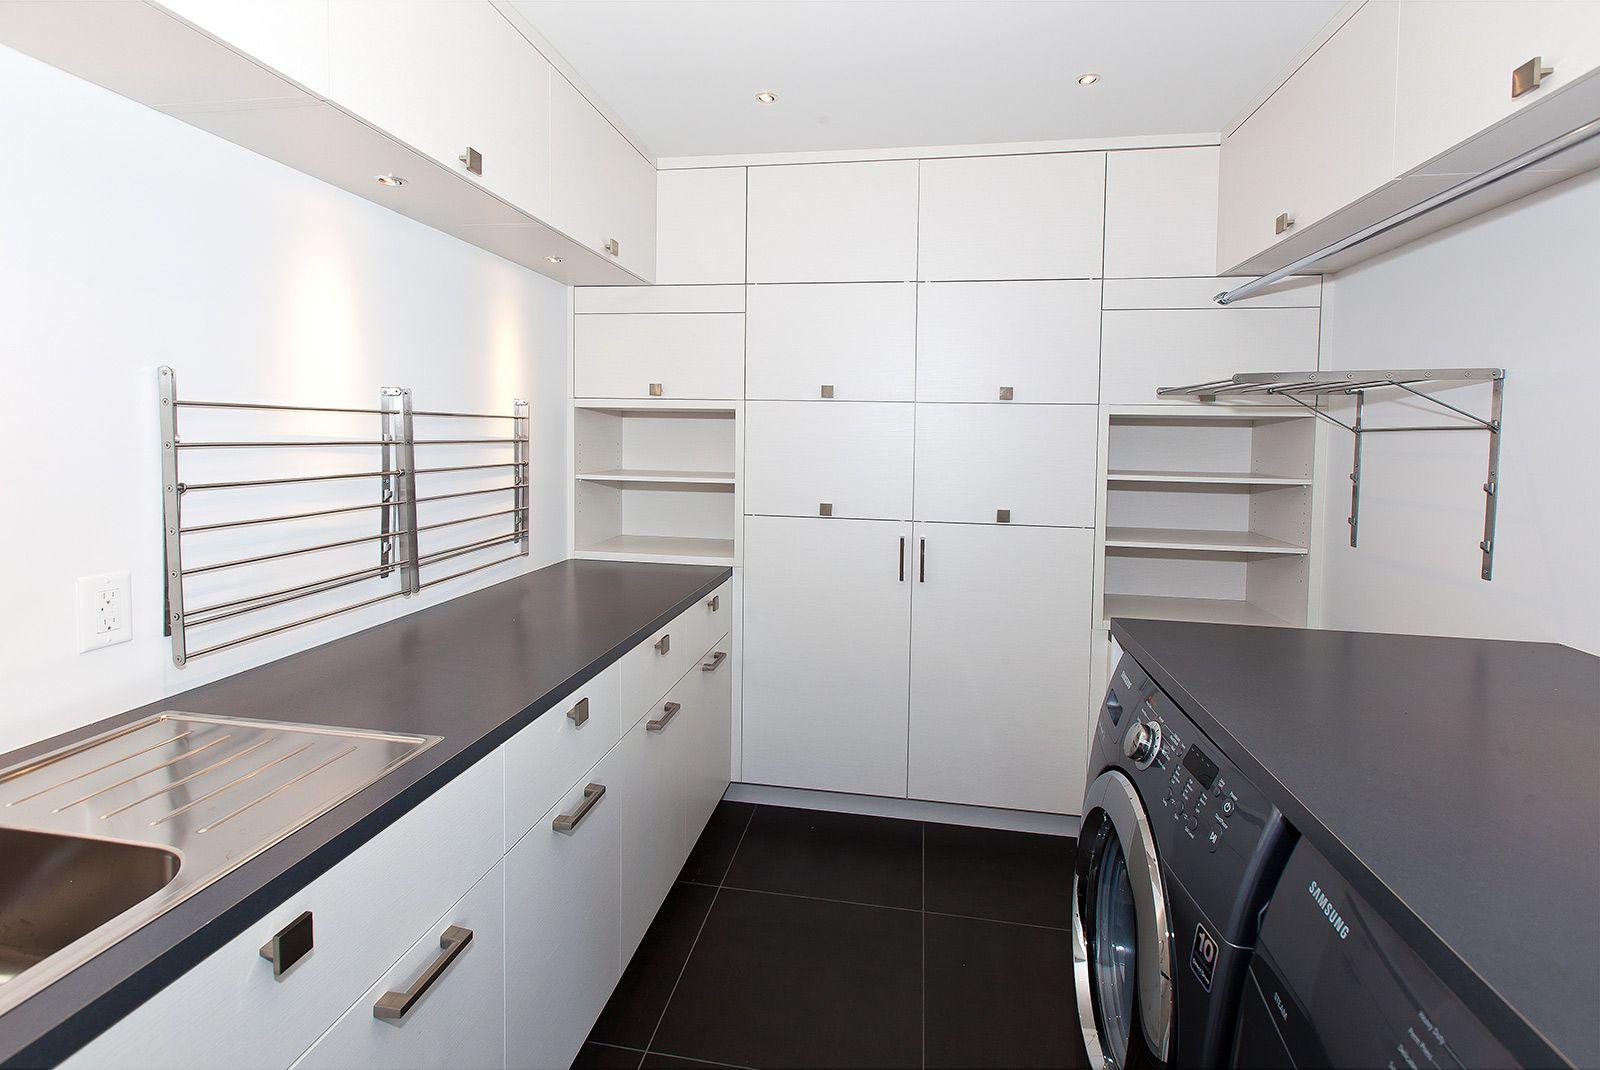 Salle de lavage moderne griffe cuisine for Salle de bain fonctionnelle